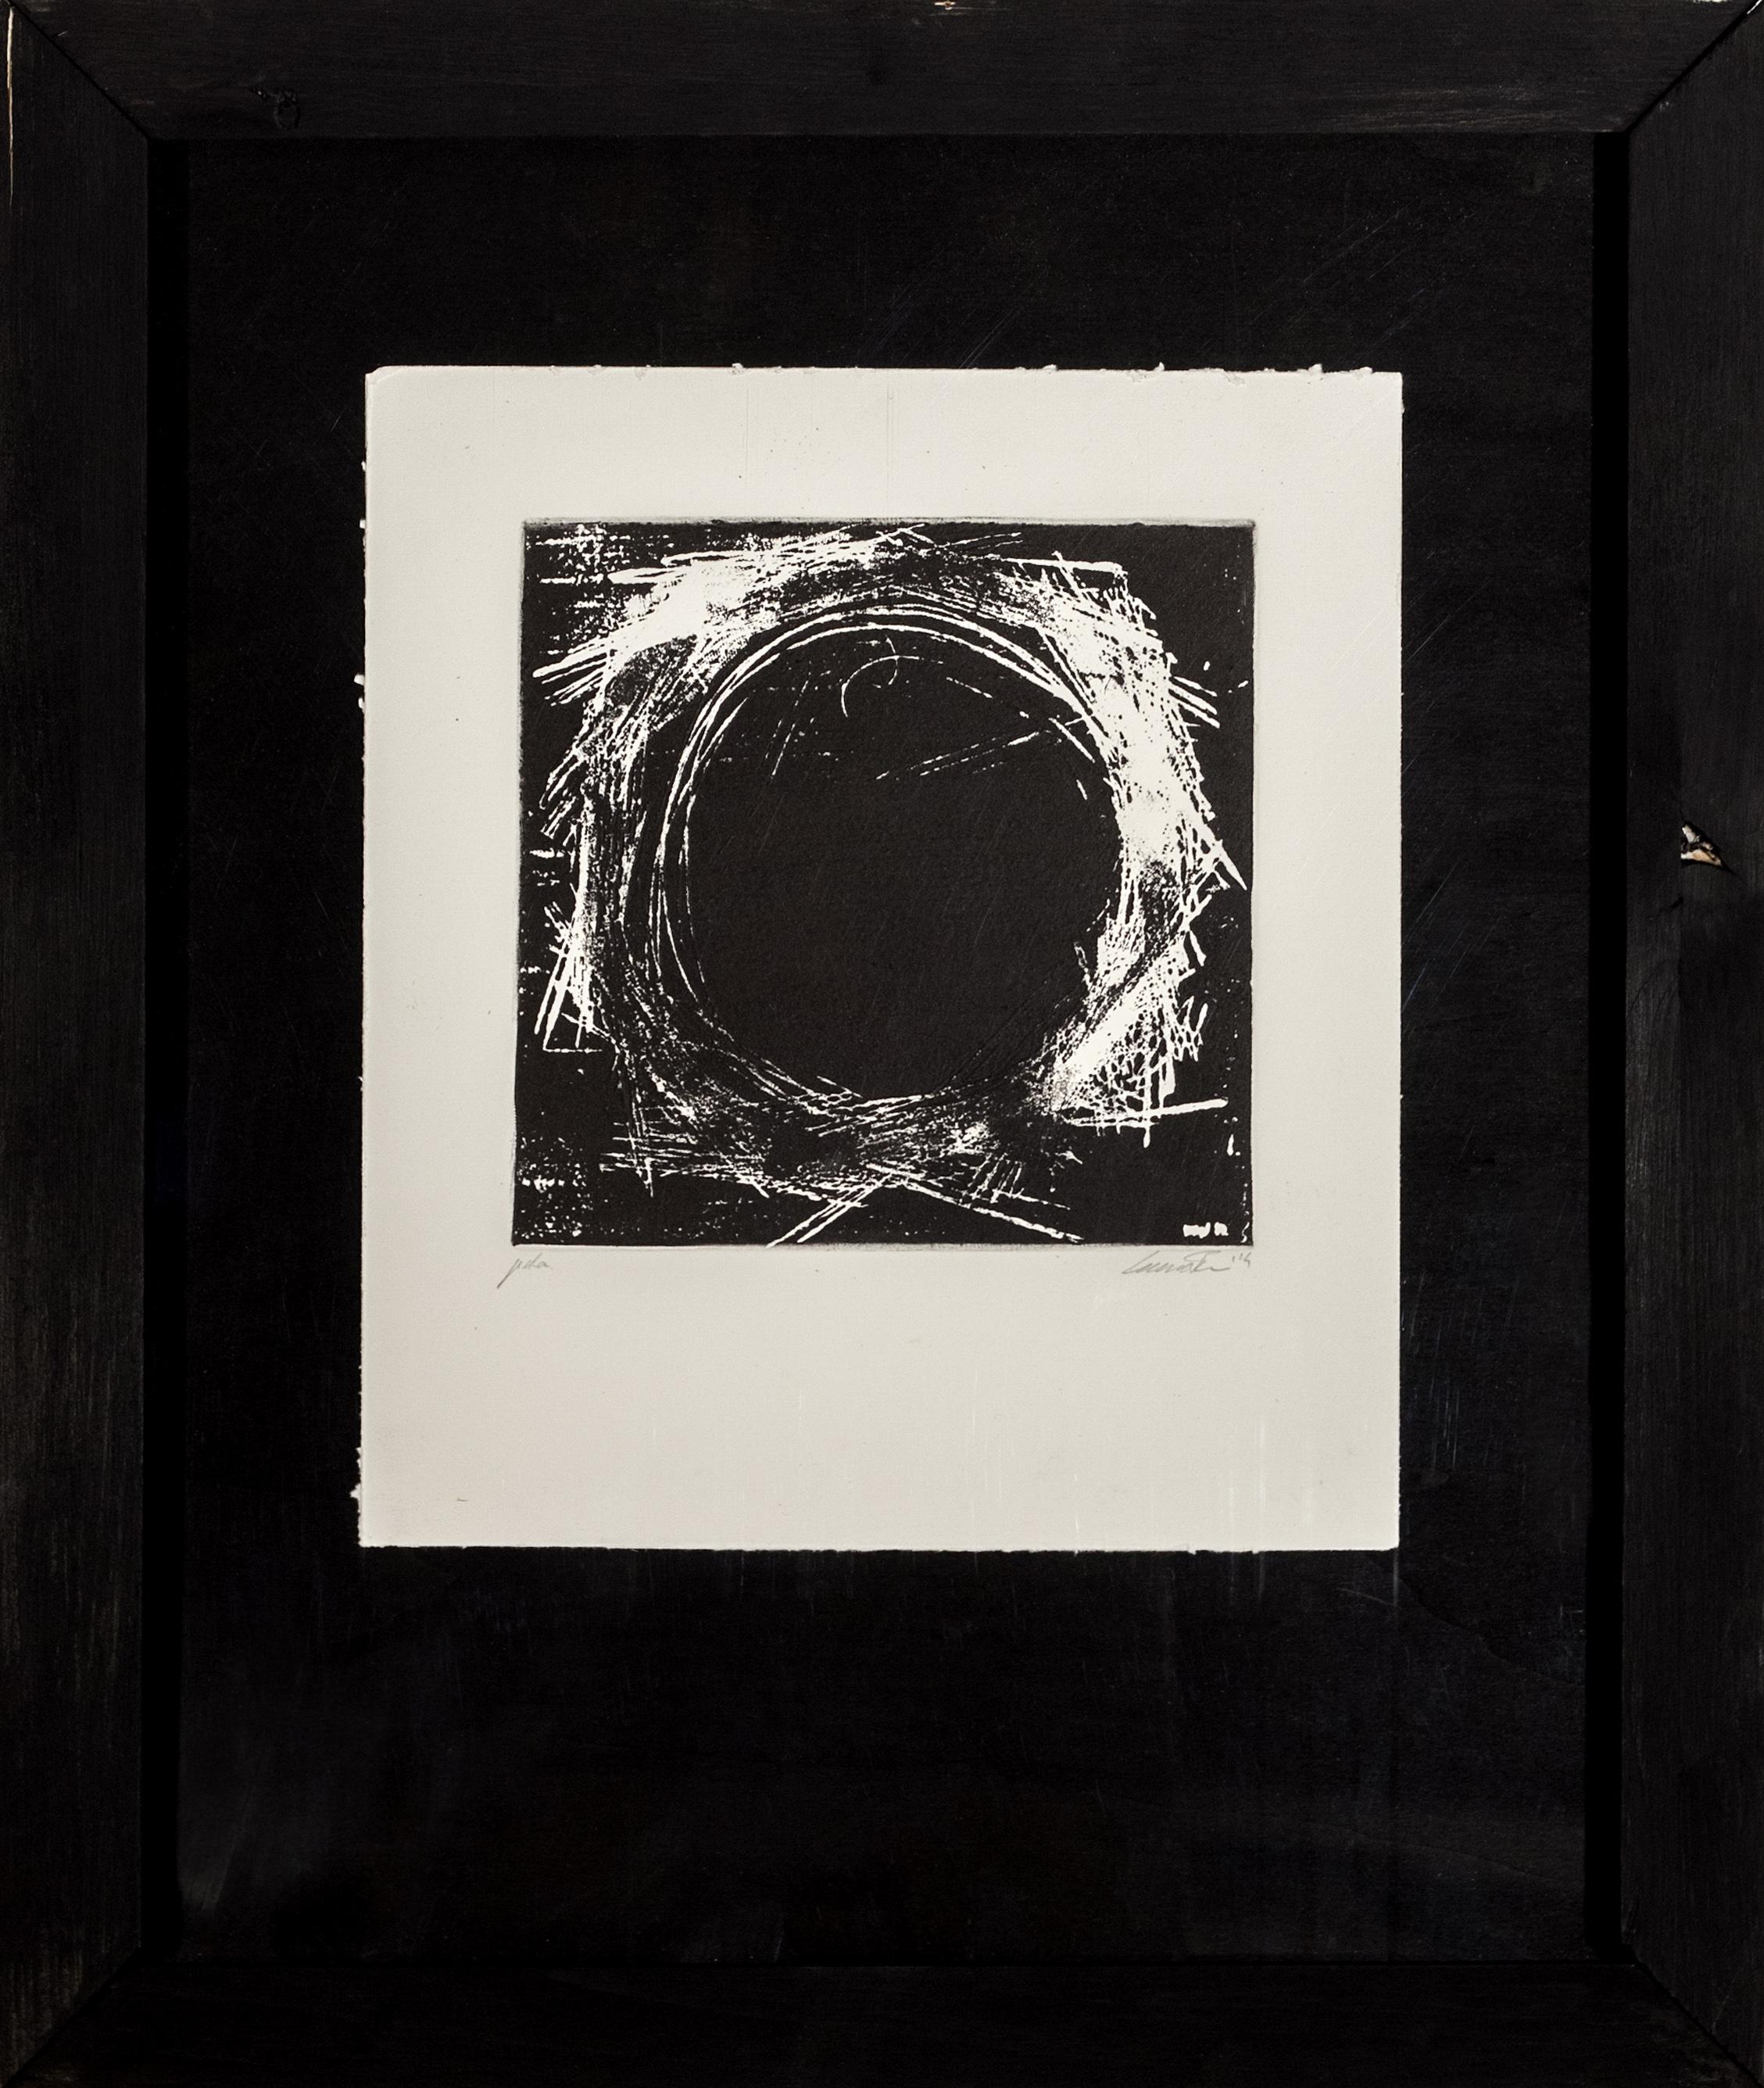 acero, 2015